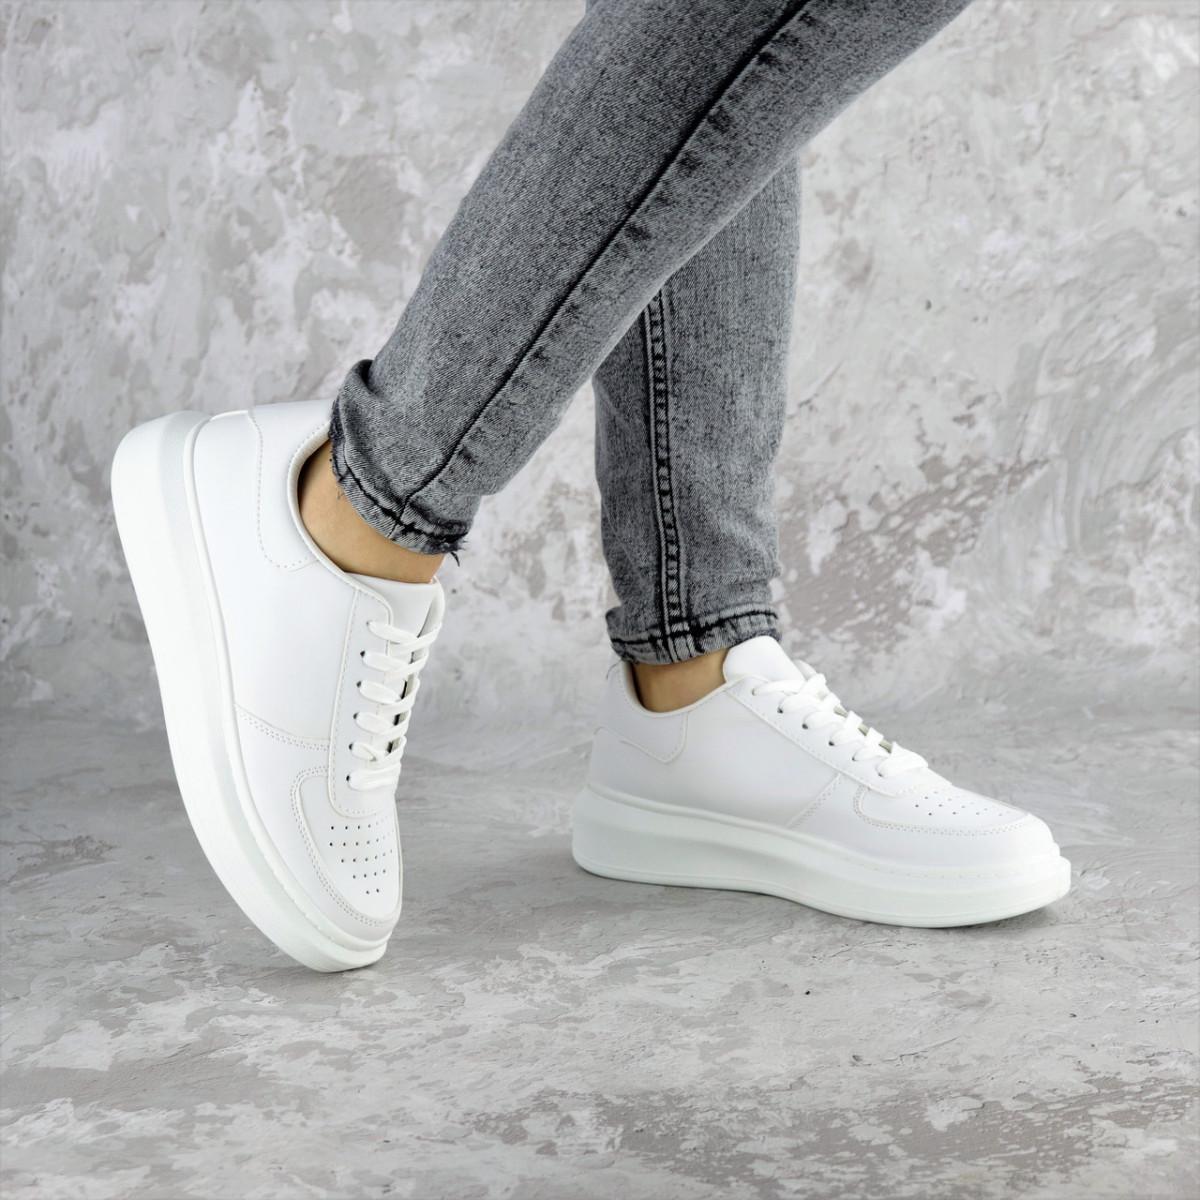 Кроссовки женские белые Modlaun 2372 (36 размер)